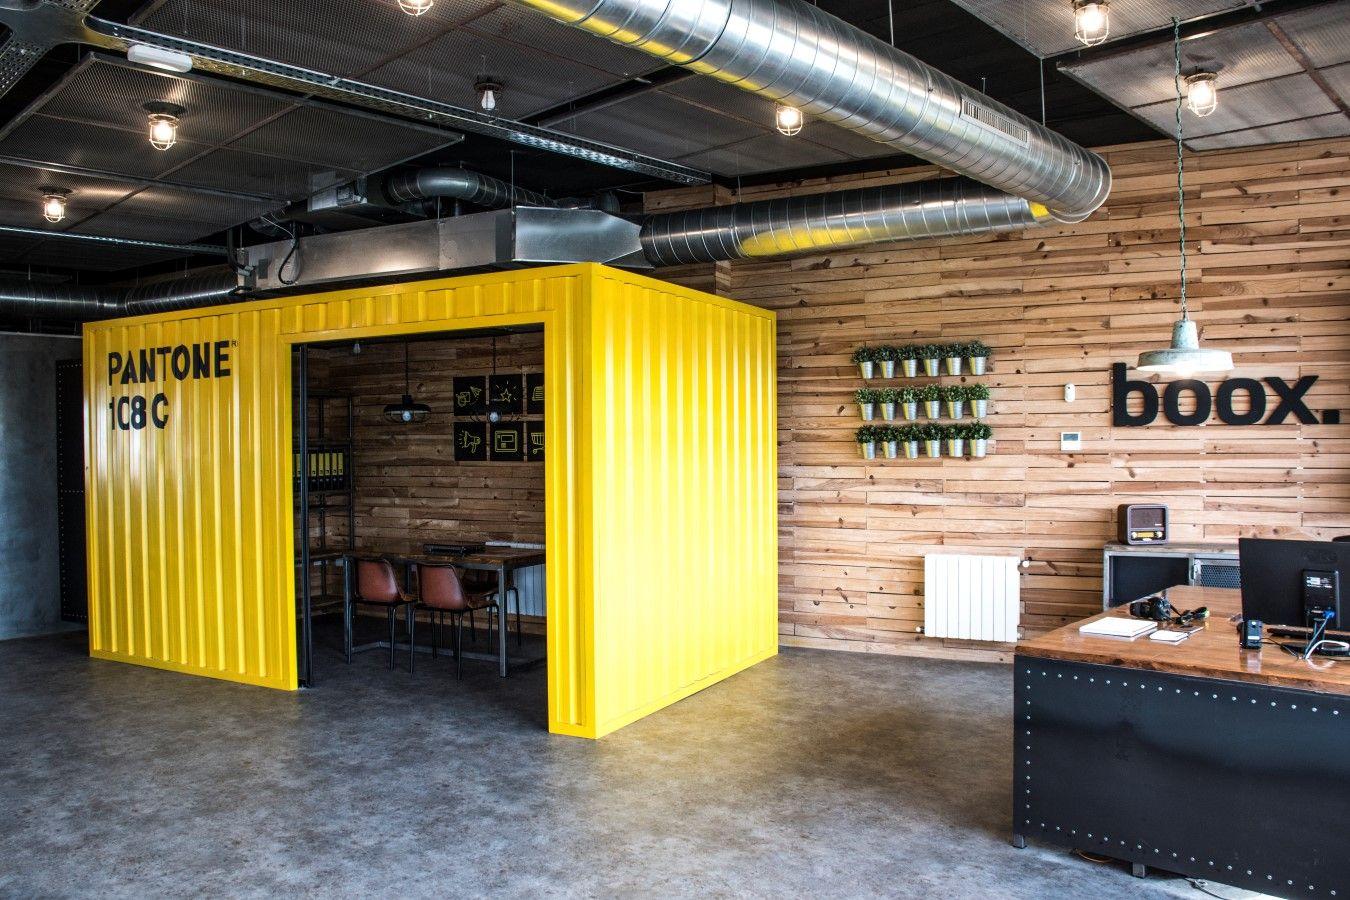 Oficinas Estilo Industrial De Boox Situadas En Jerez De La Frontera Http Www Boox Es Industrial St Gym Design Interior Commercial Gym Design Gym Interior